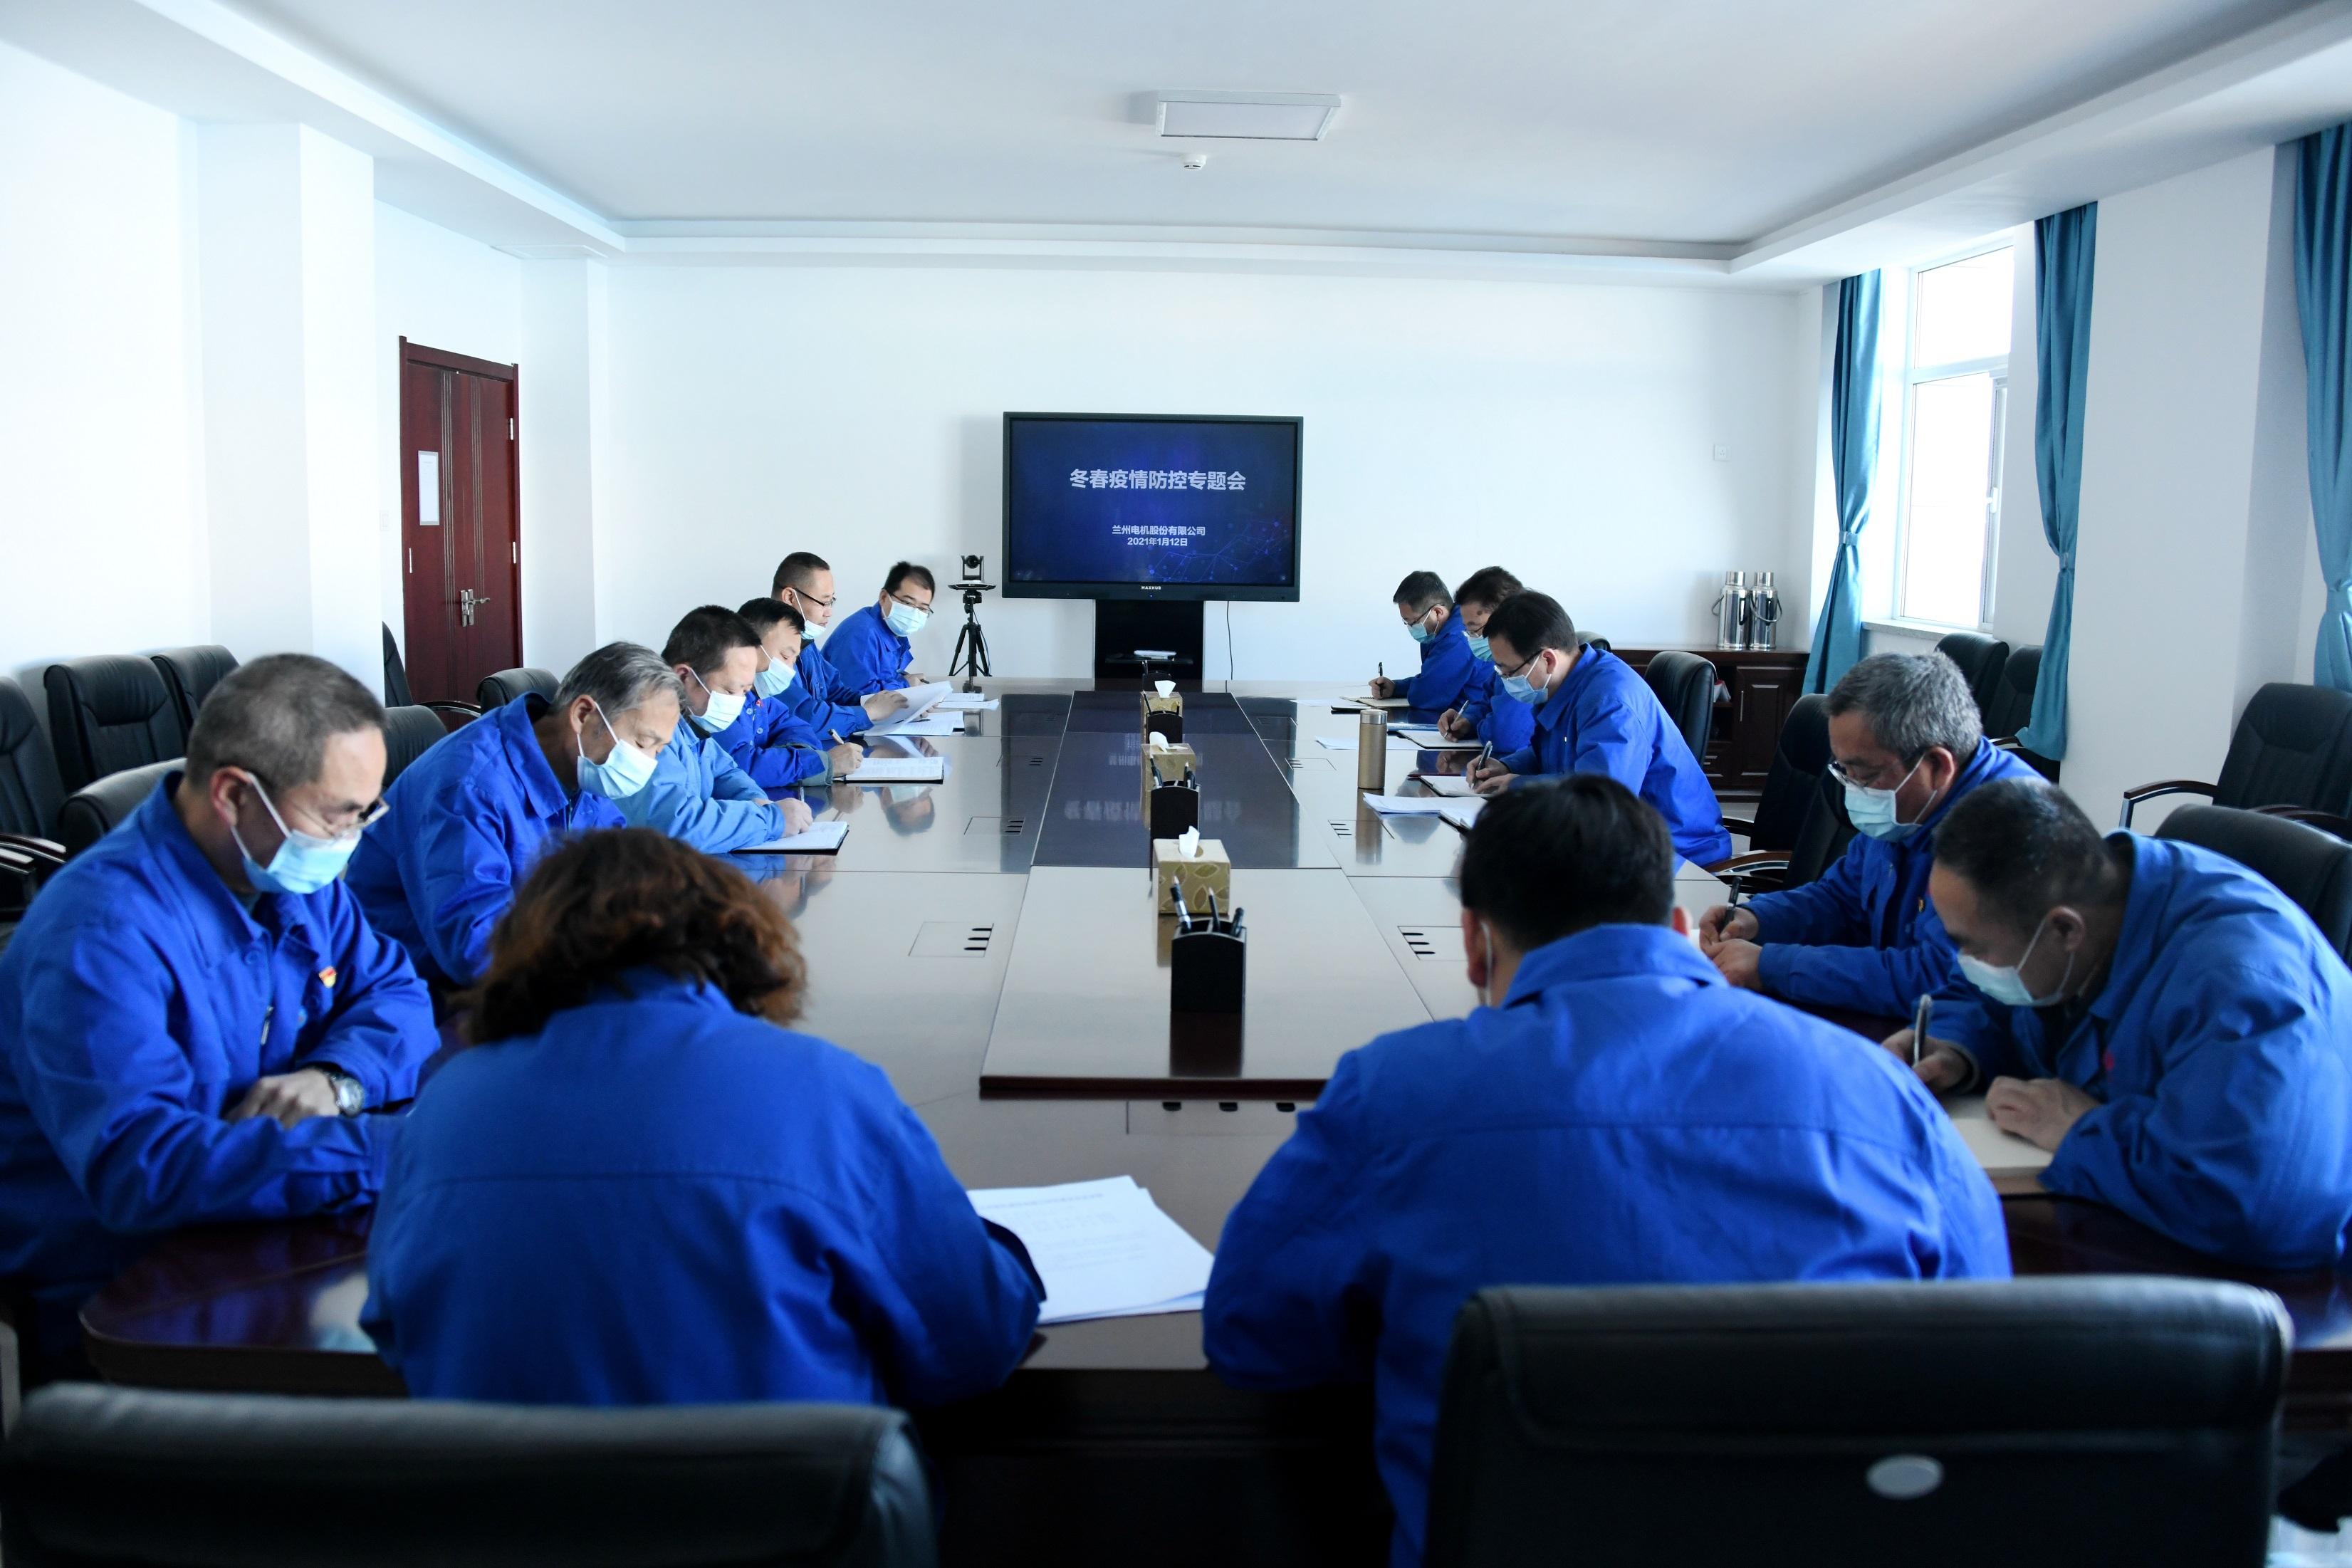 公司召開黨委會專題研究部署冬春疫情防控工作